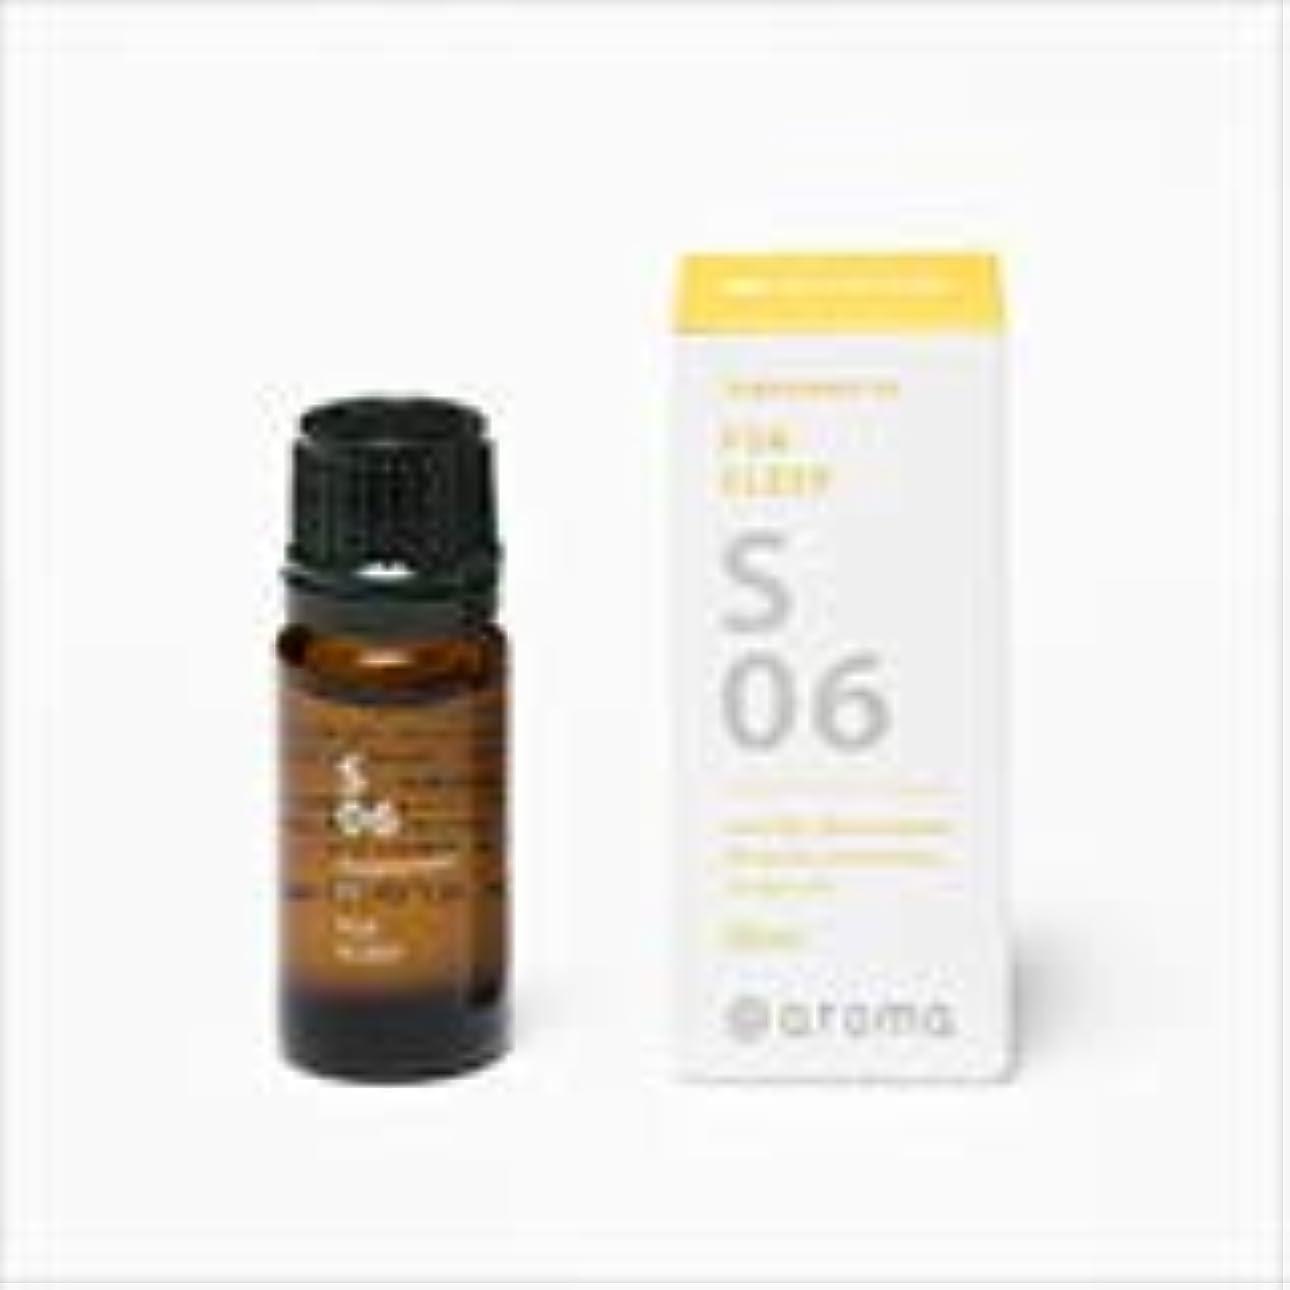 レプリカ悪意のある良心的アットアロマ 100%pure essential oil <Supplement air リフレッシュ>